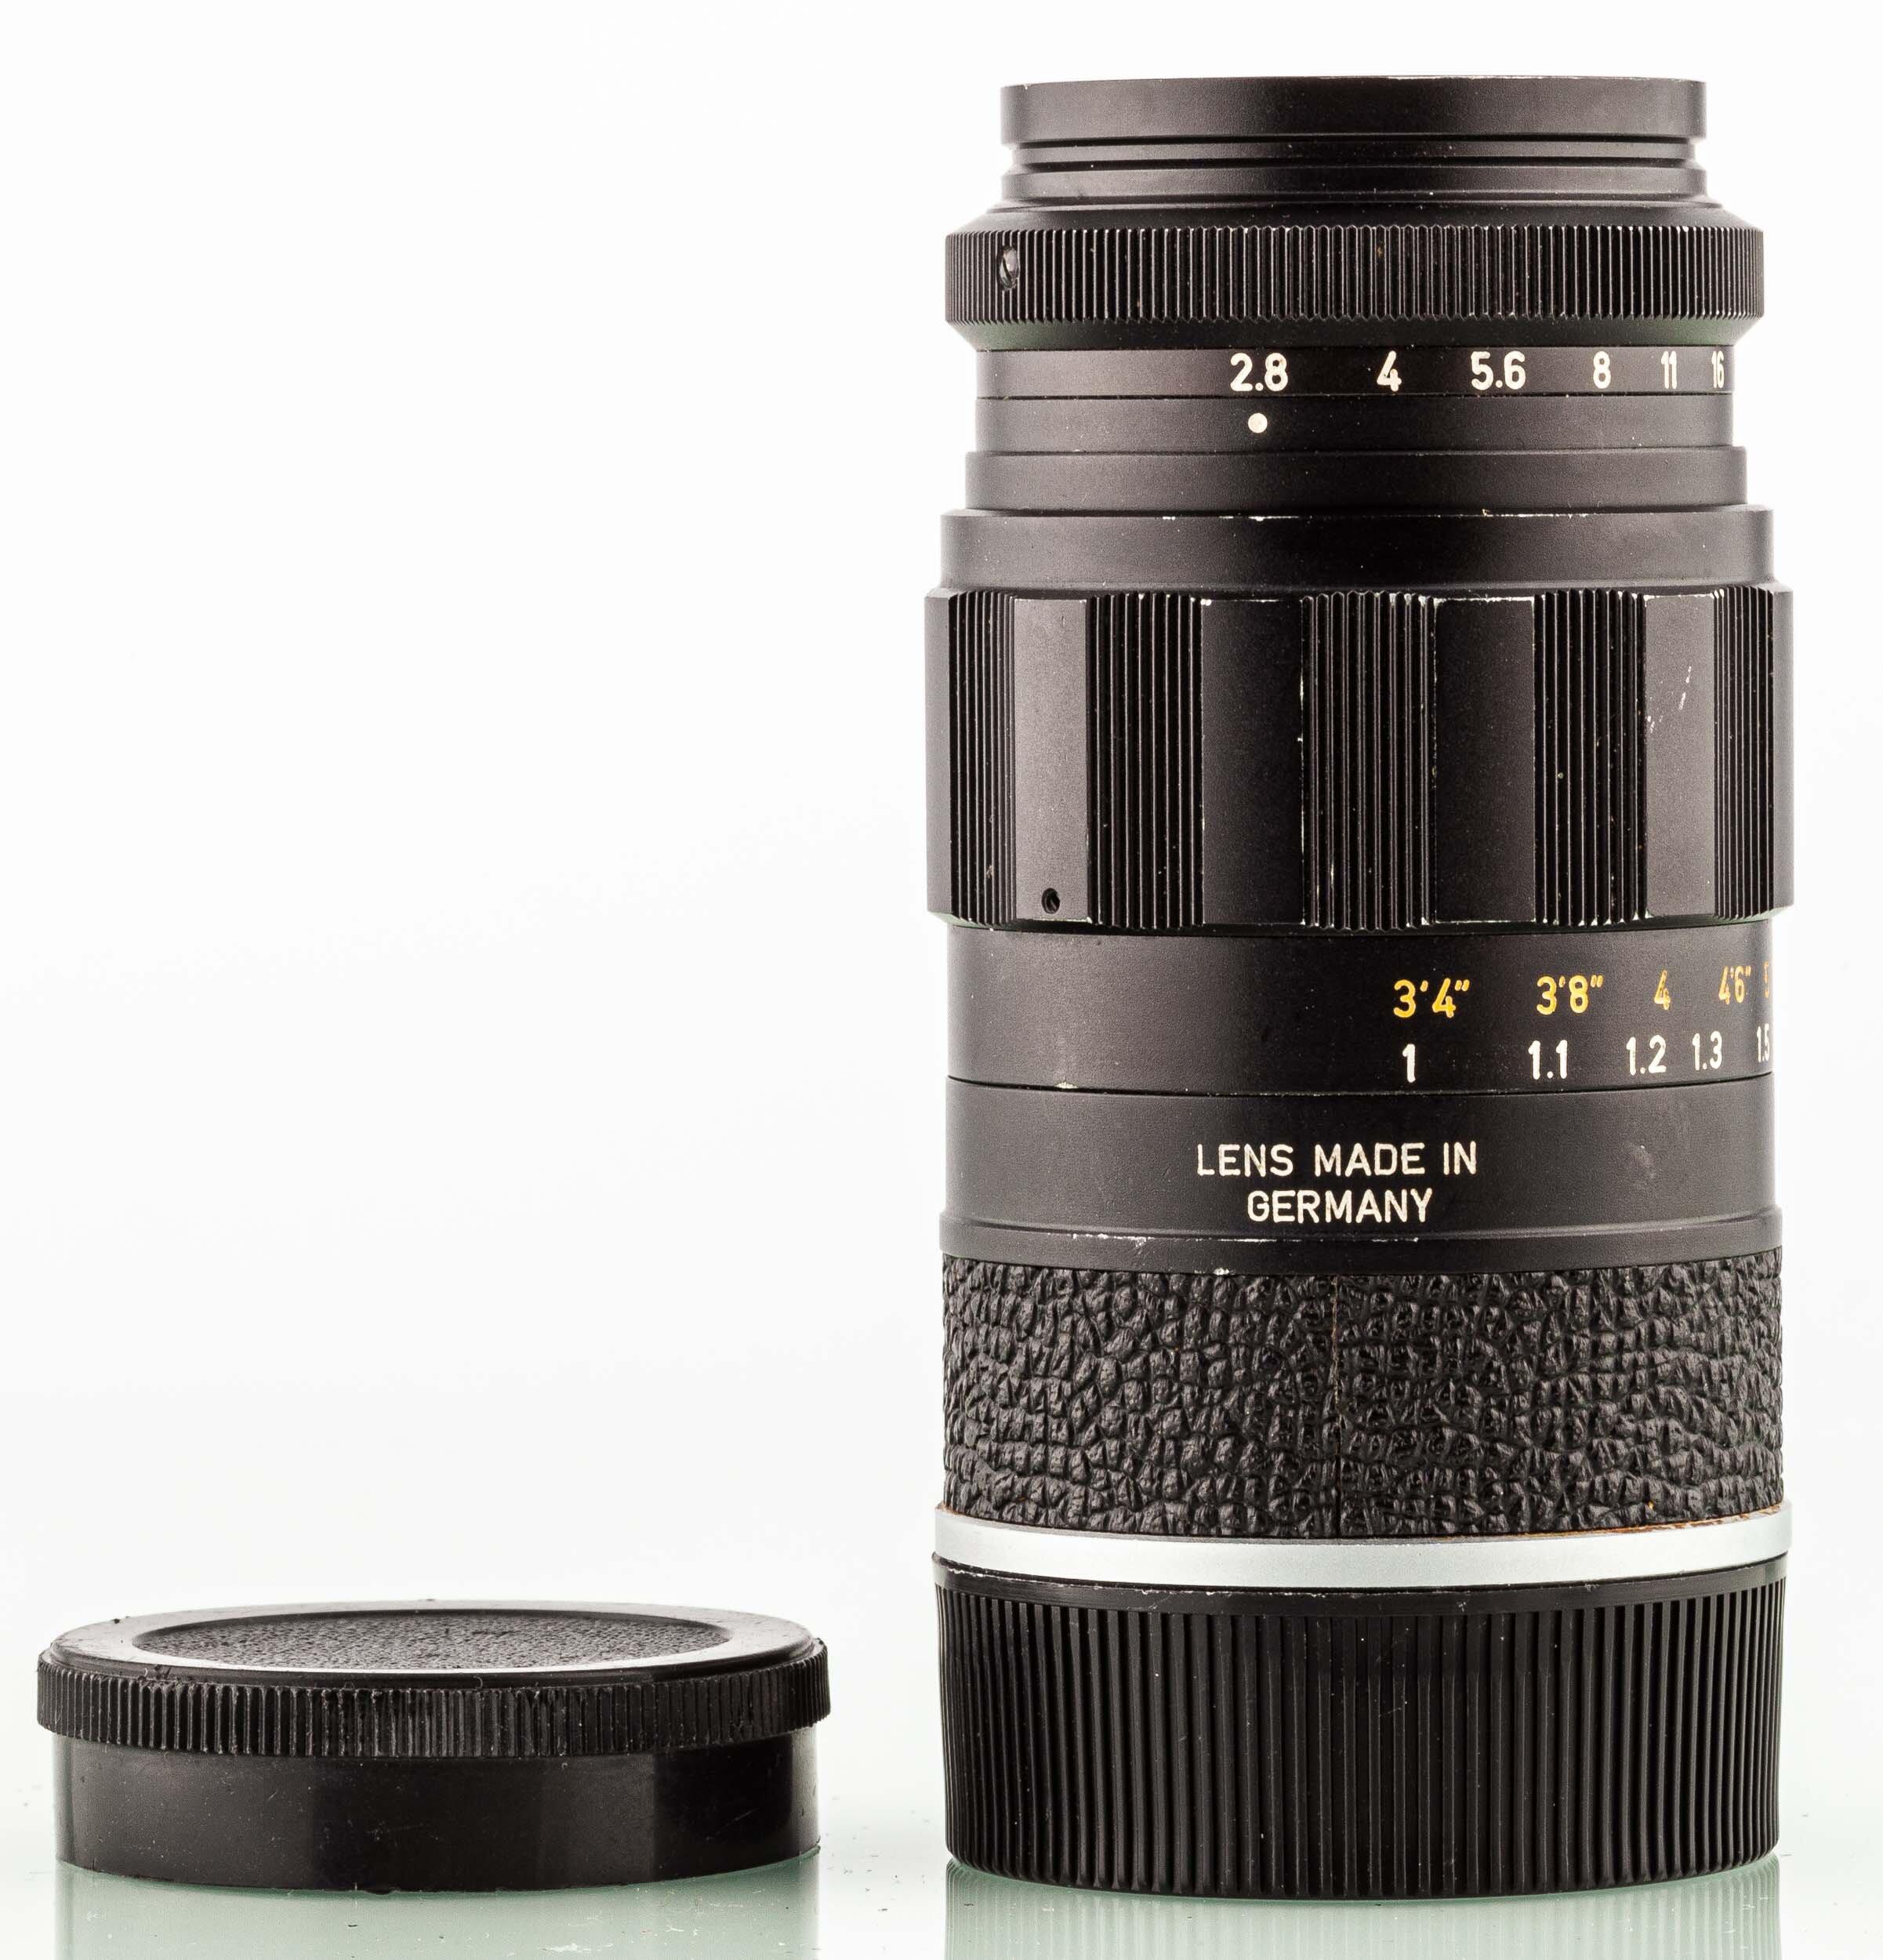 Leica M Elmarit 90mm F2.8 schwarz